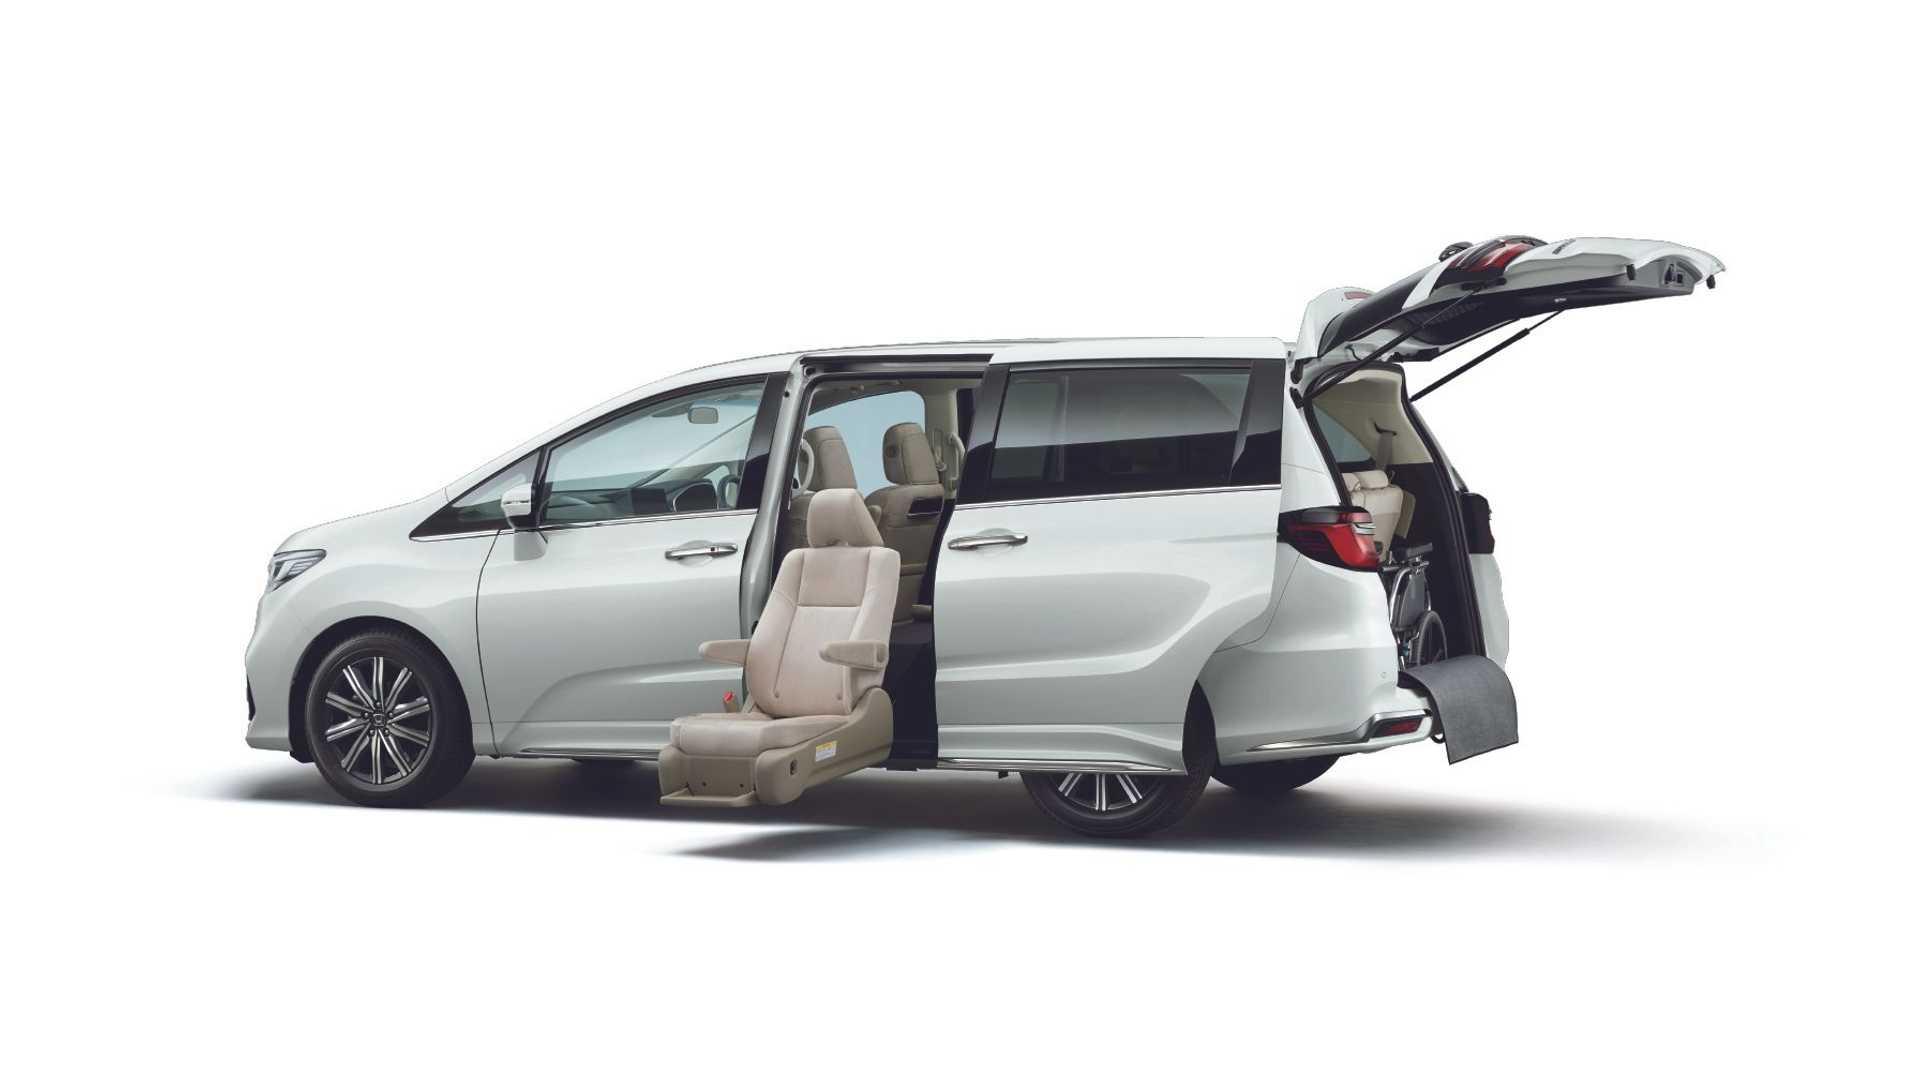 Honda-Odyssey-facelift-2020-9